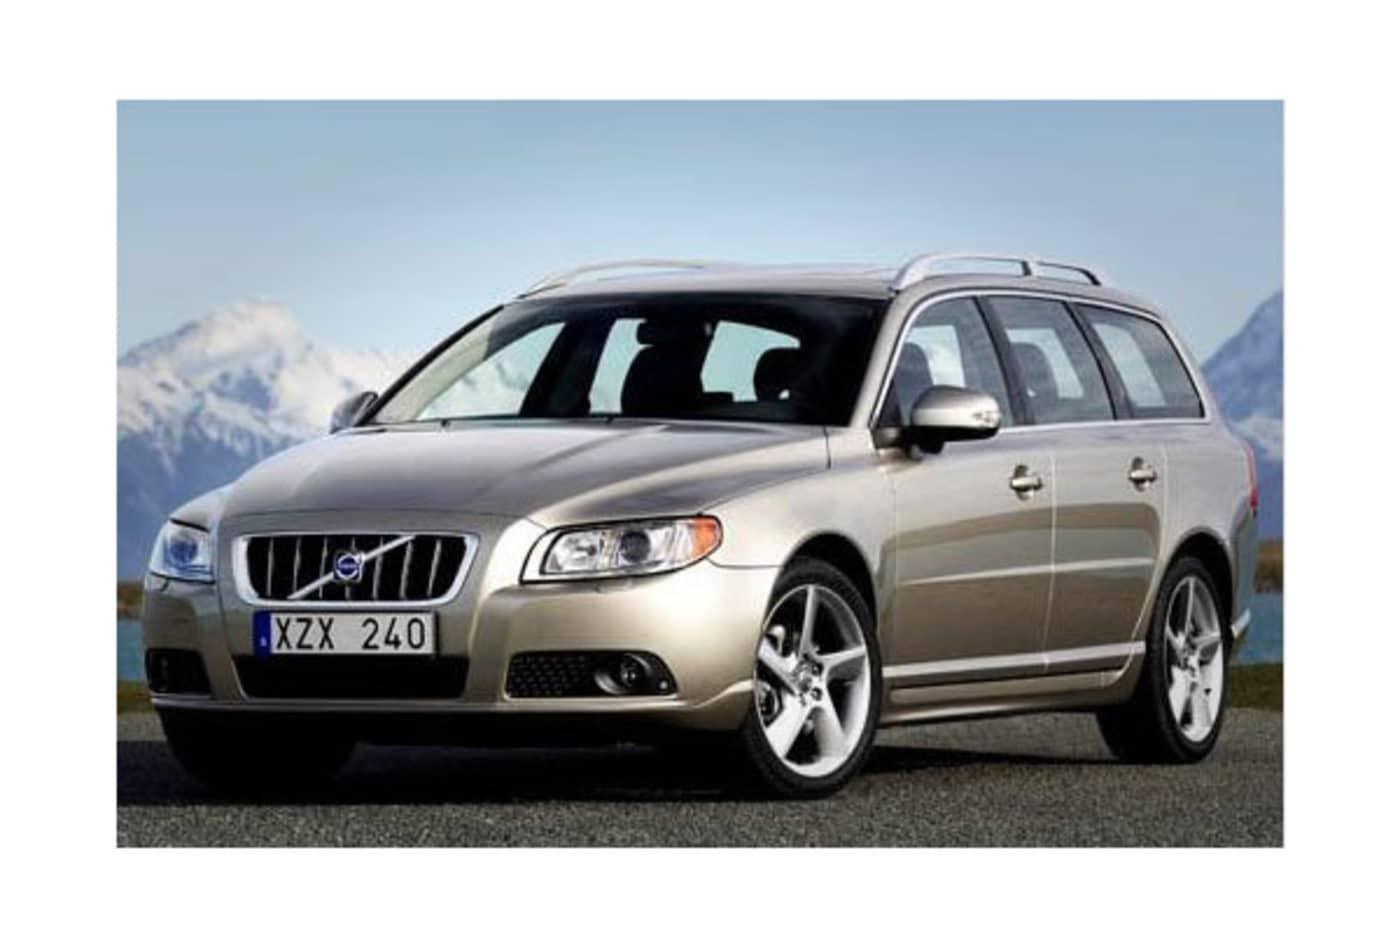 48438693 Volvo-C70-Most-Stolen-Luxury-Cars-CNBC.jpg